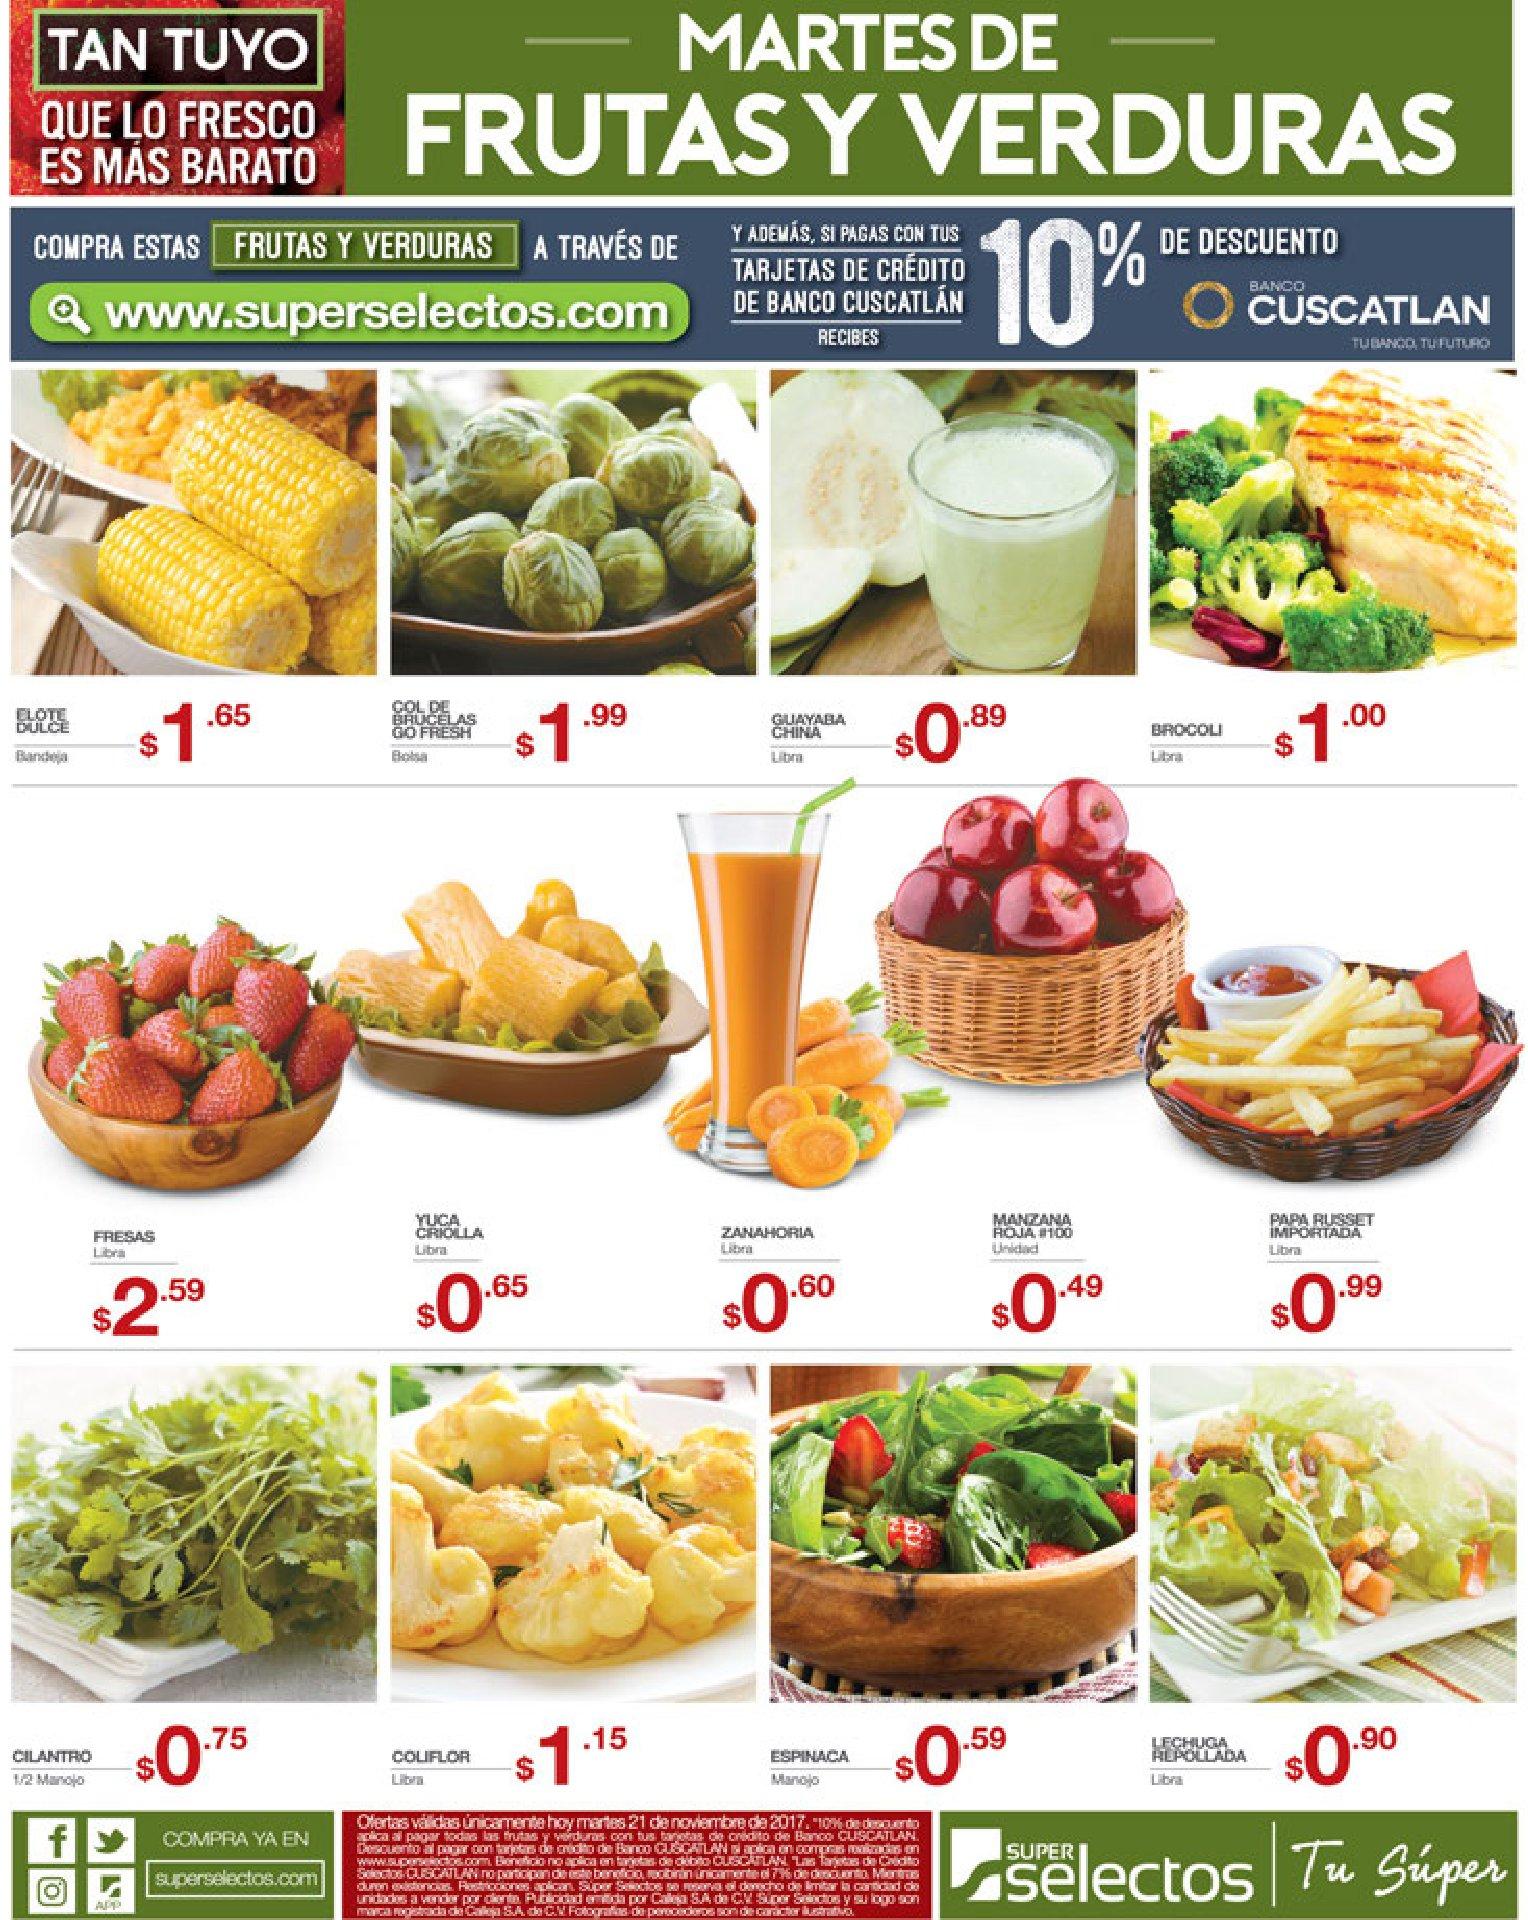 frutas y verduras baratas este martes 21nov17